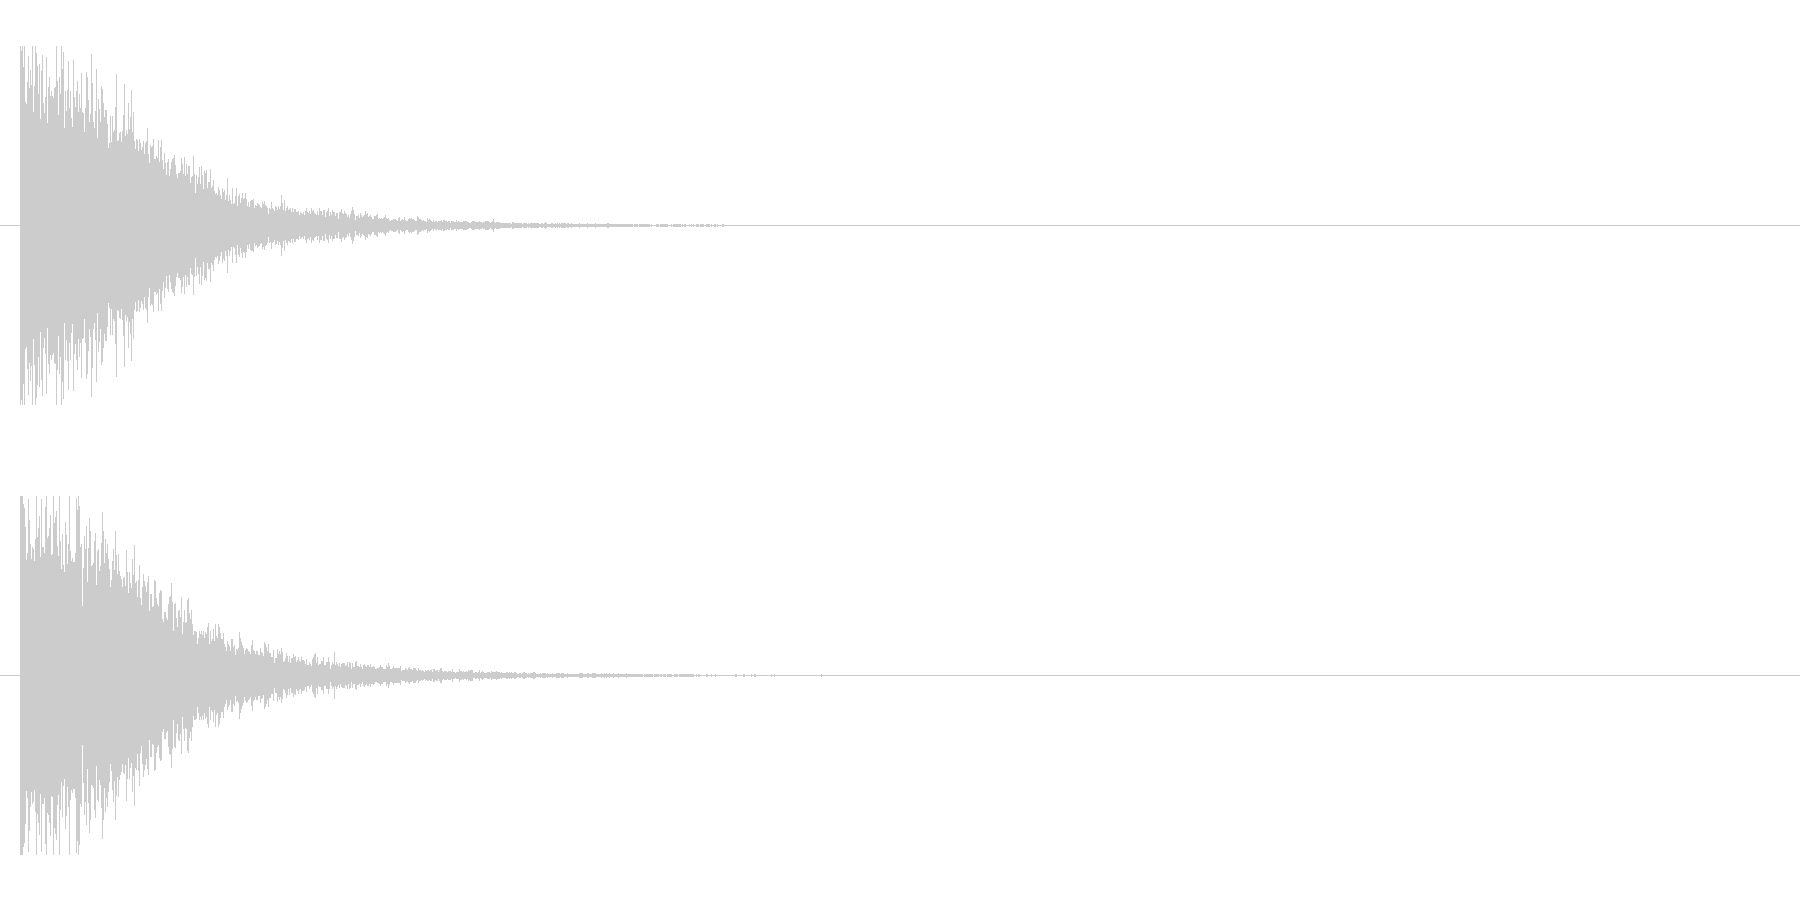 レーザー音-146-1の未再生の波形